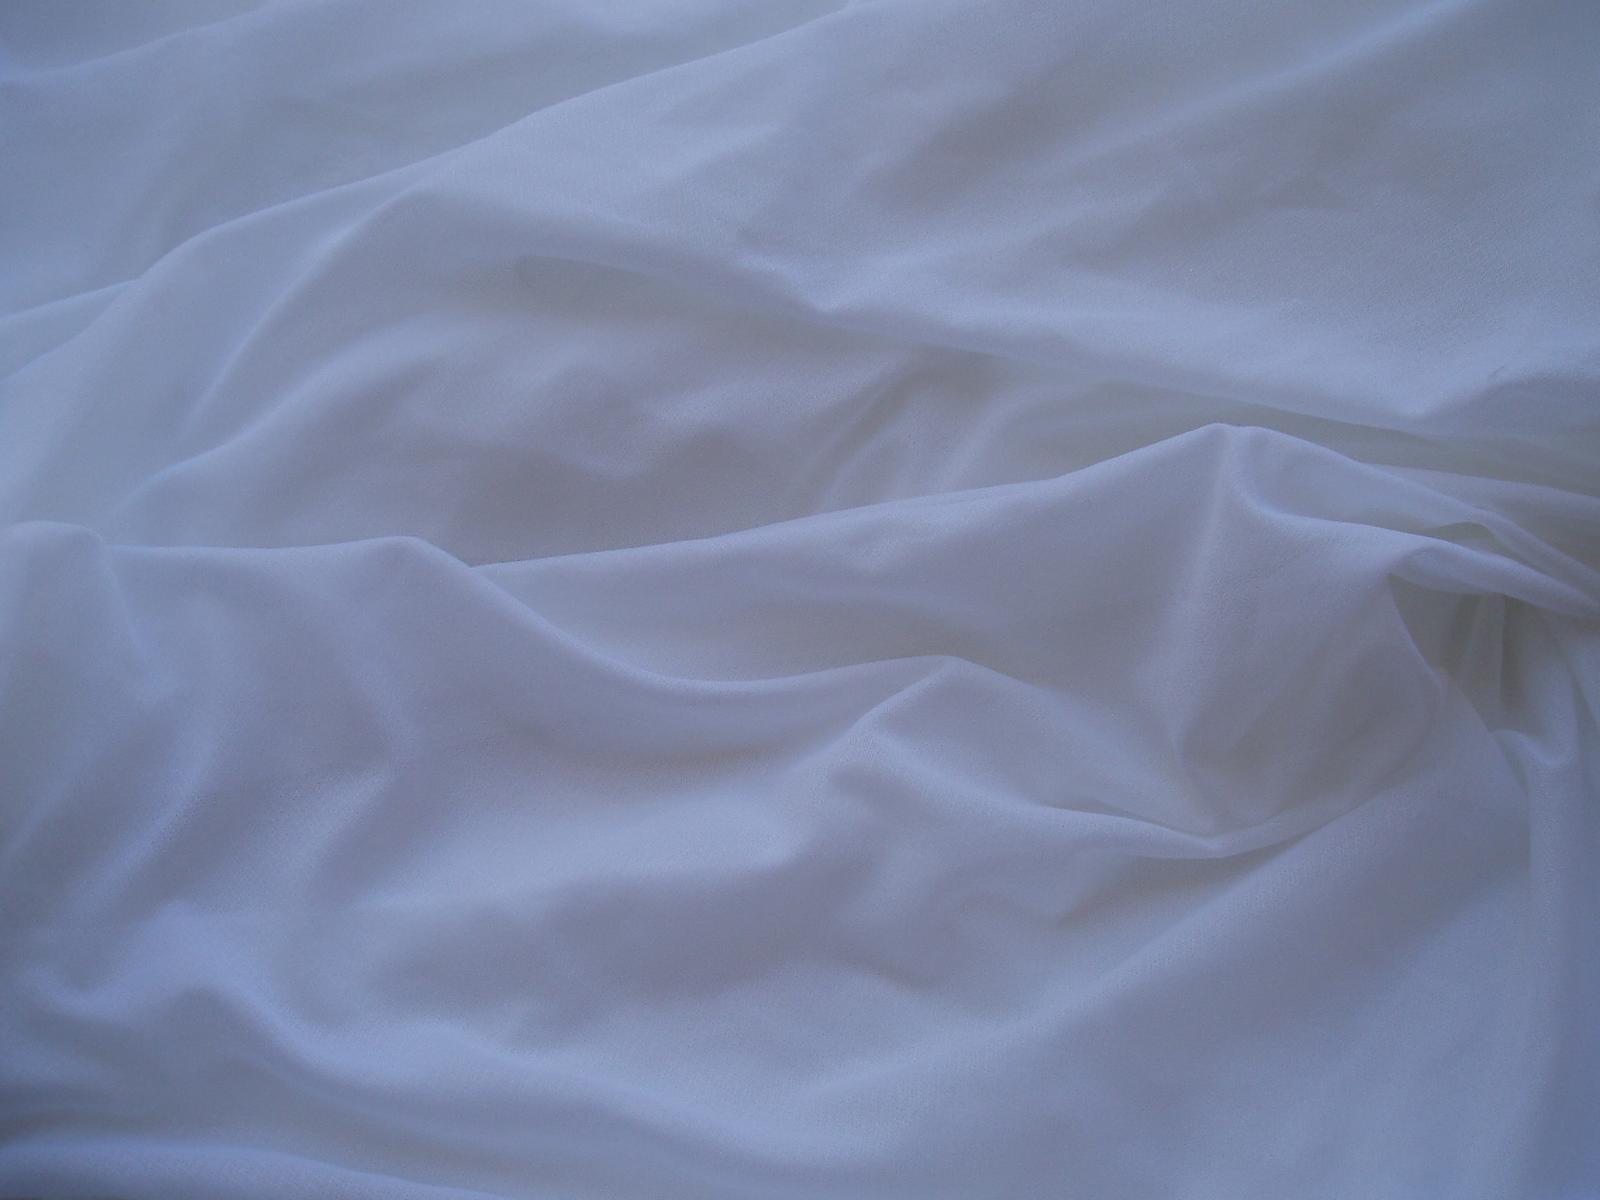 látka na slavobránu - Obrázek č. 1